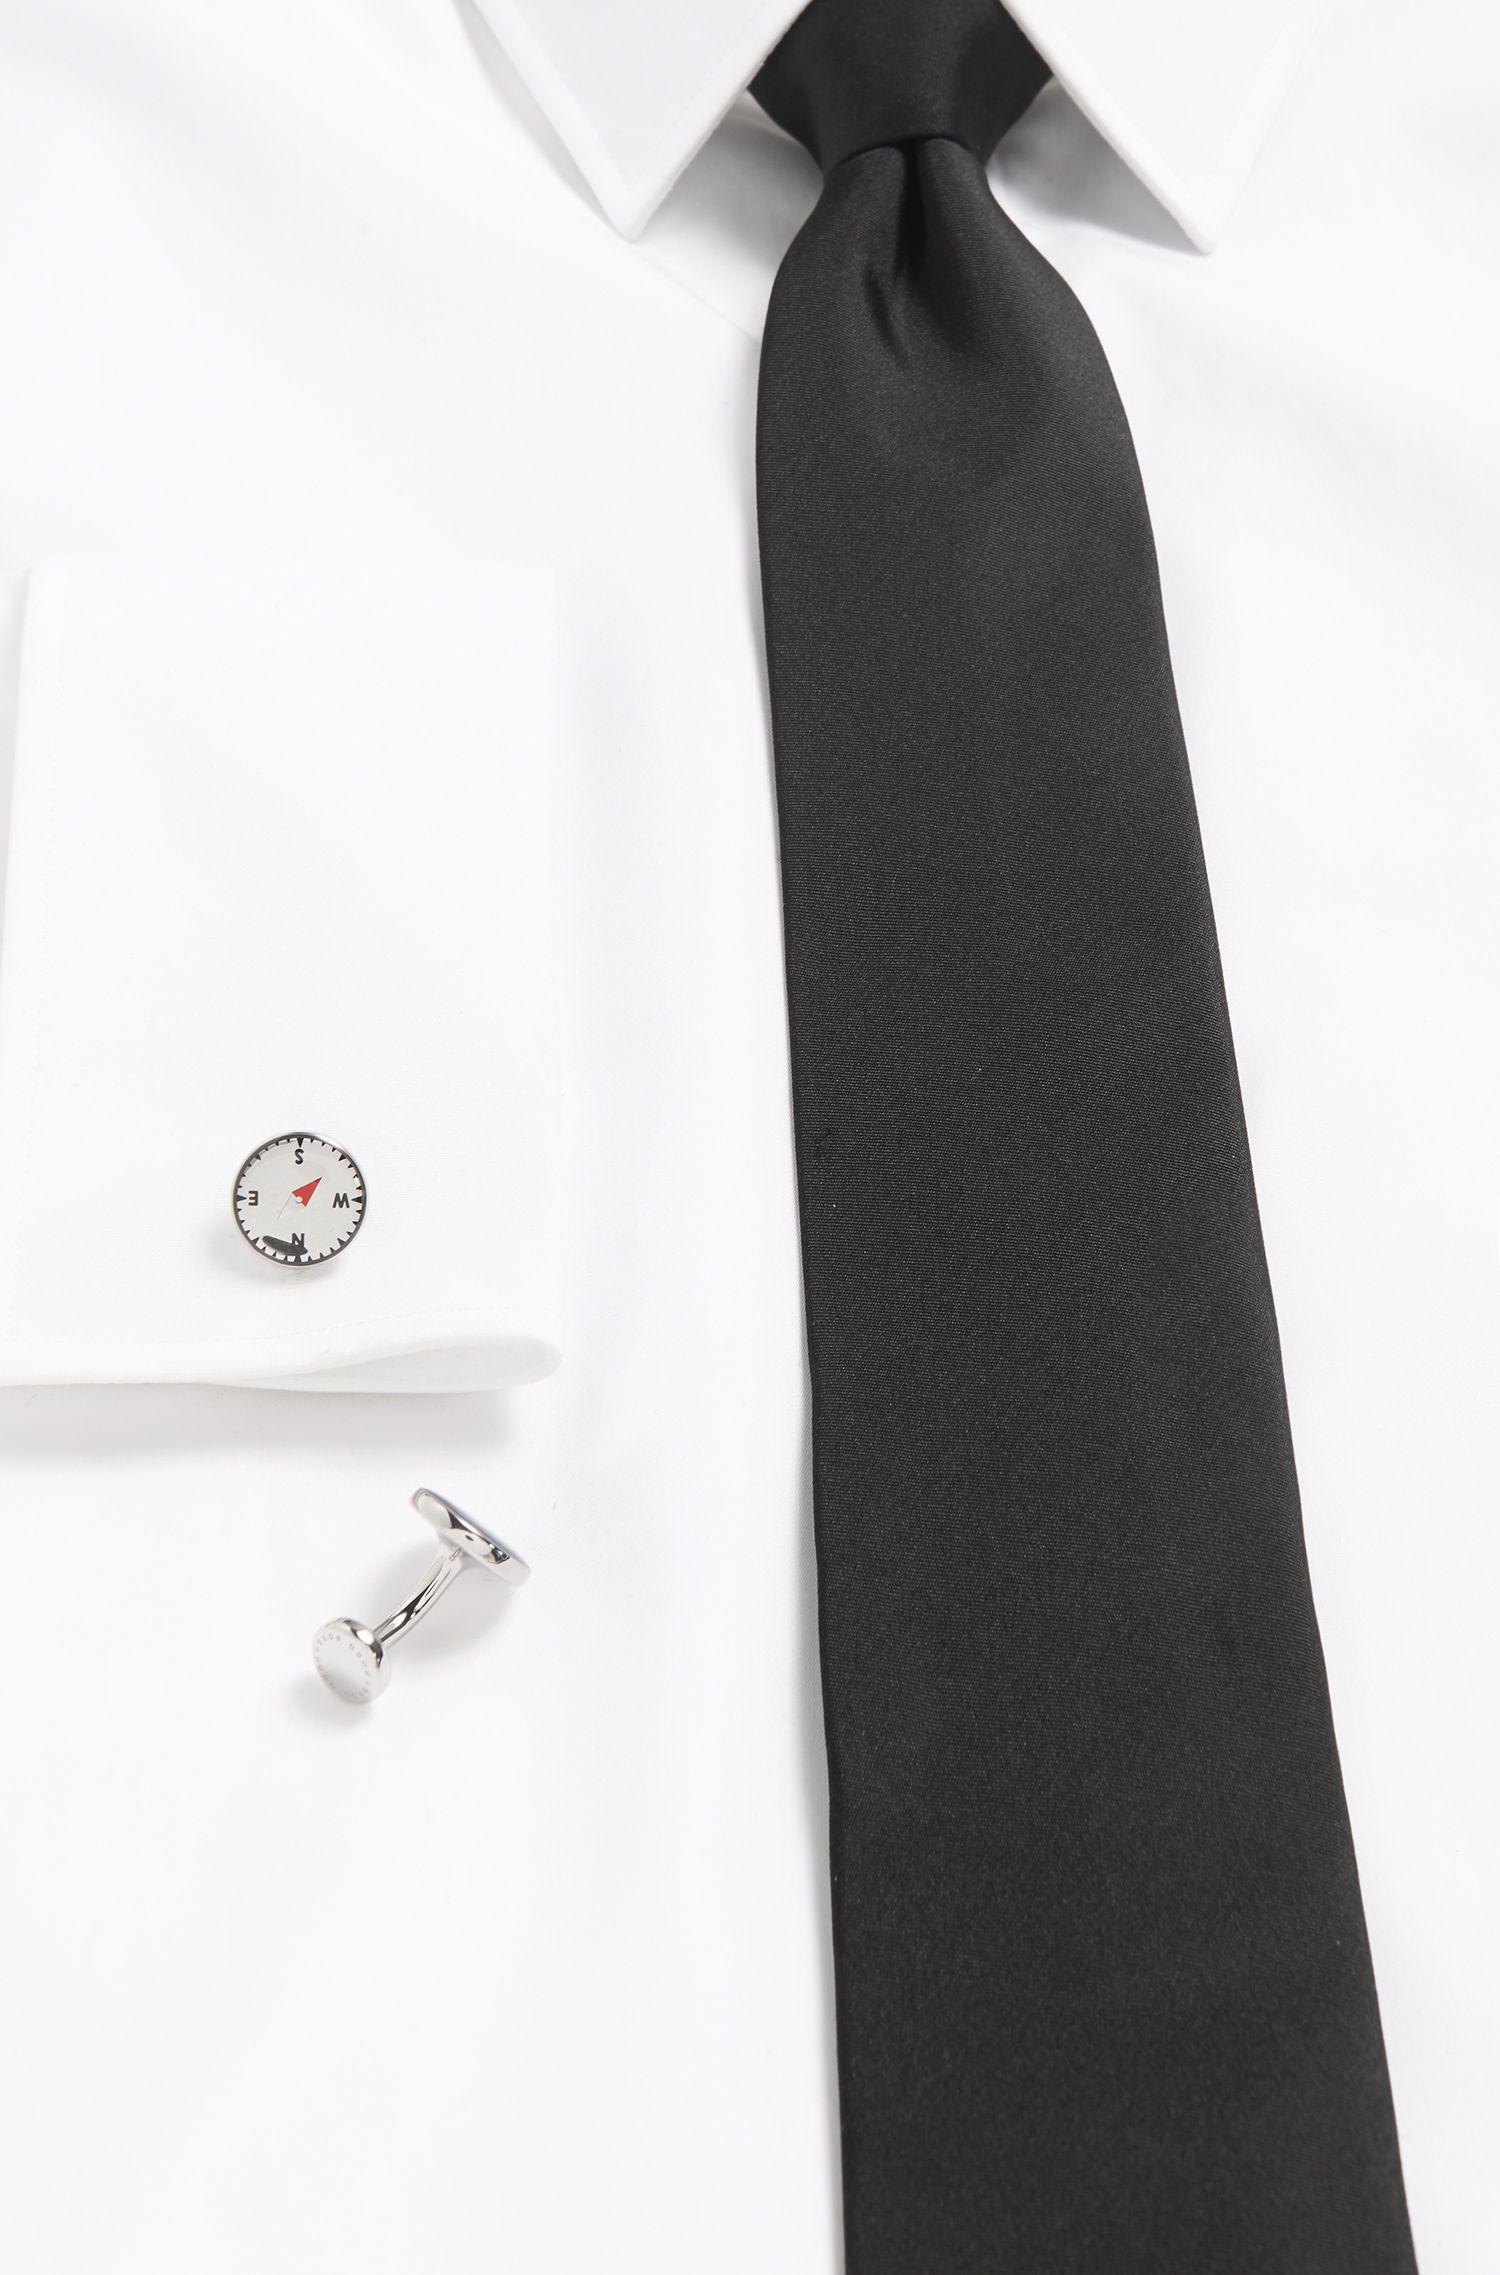 Enamel & Brass Cufflinks | West, Light Grey